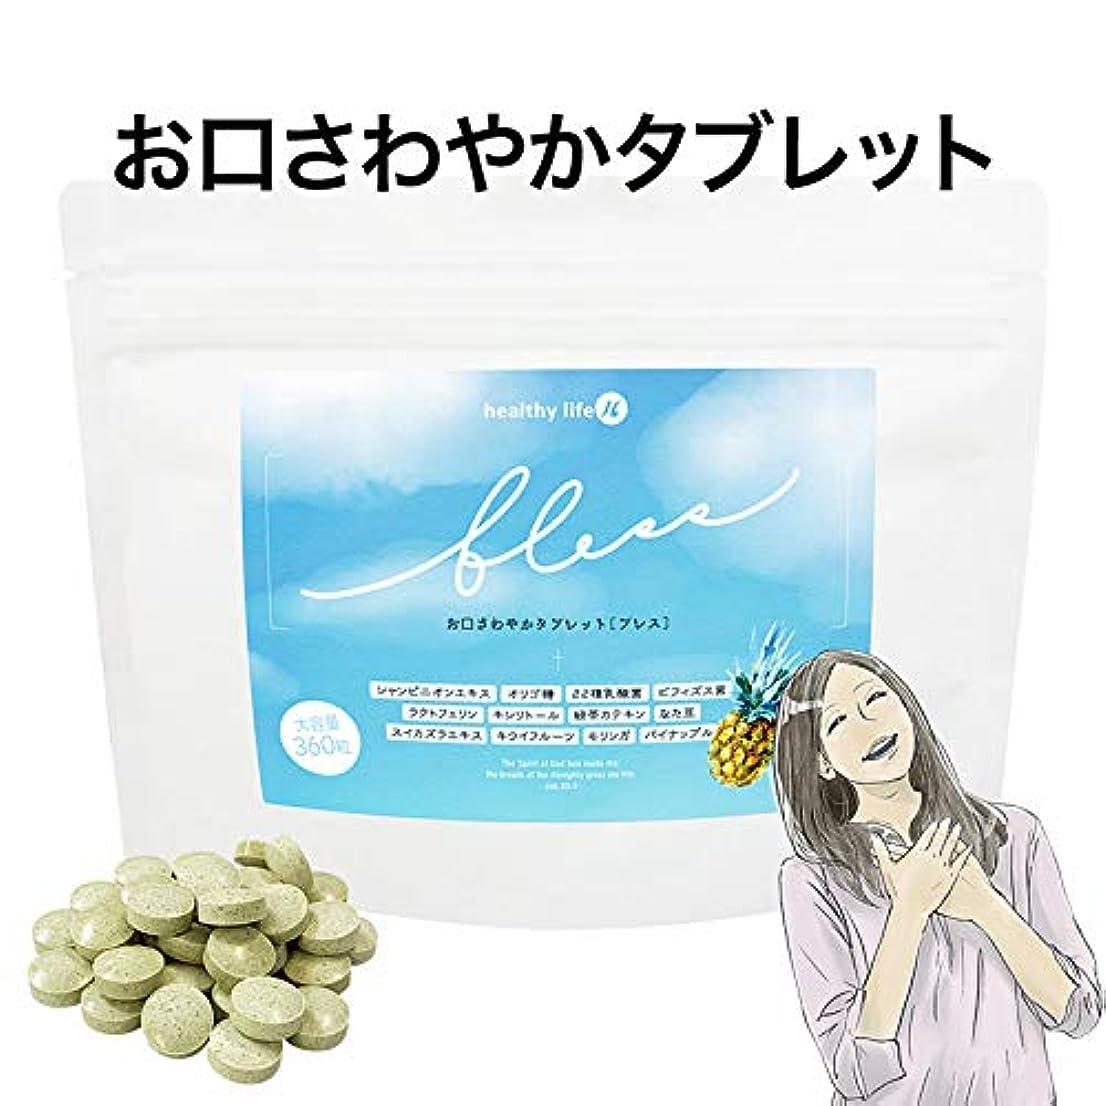 病気主蚊healthylife bless tablet(ブレスタブレット)【大容量約6か月分】